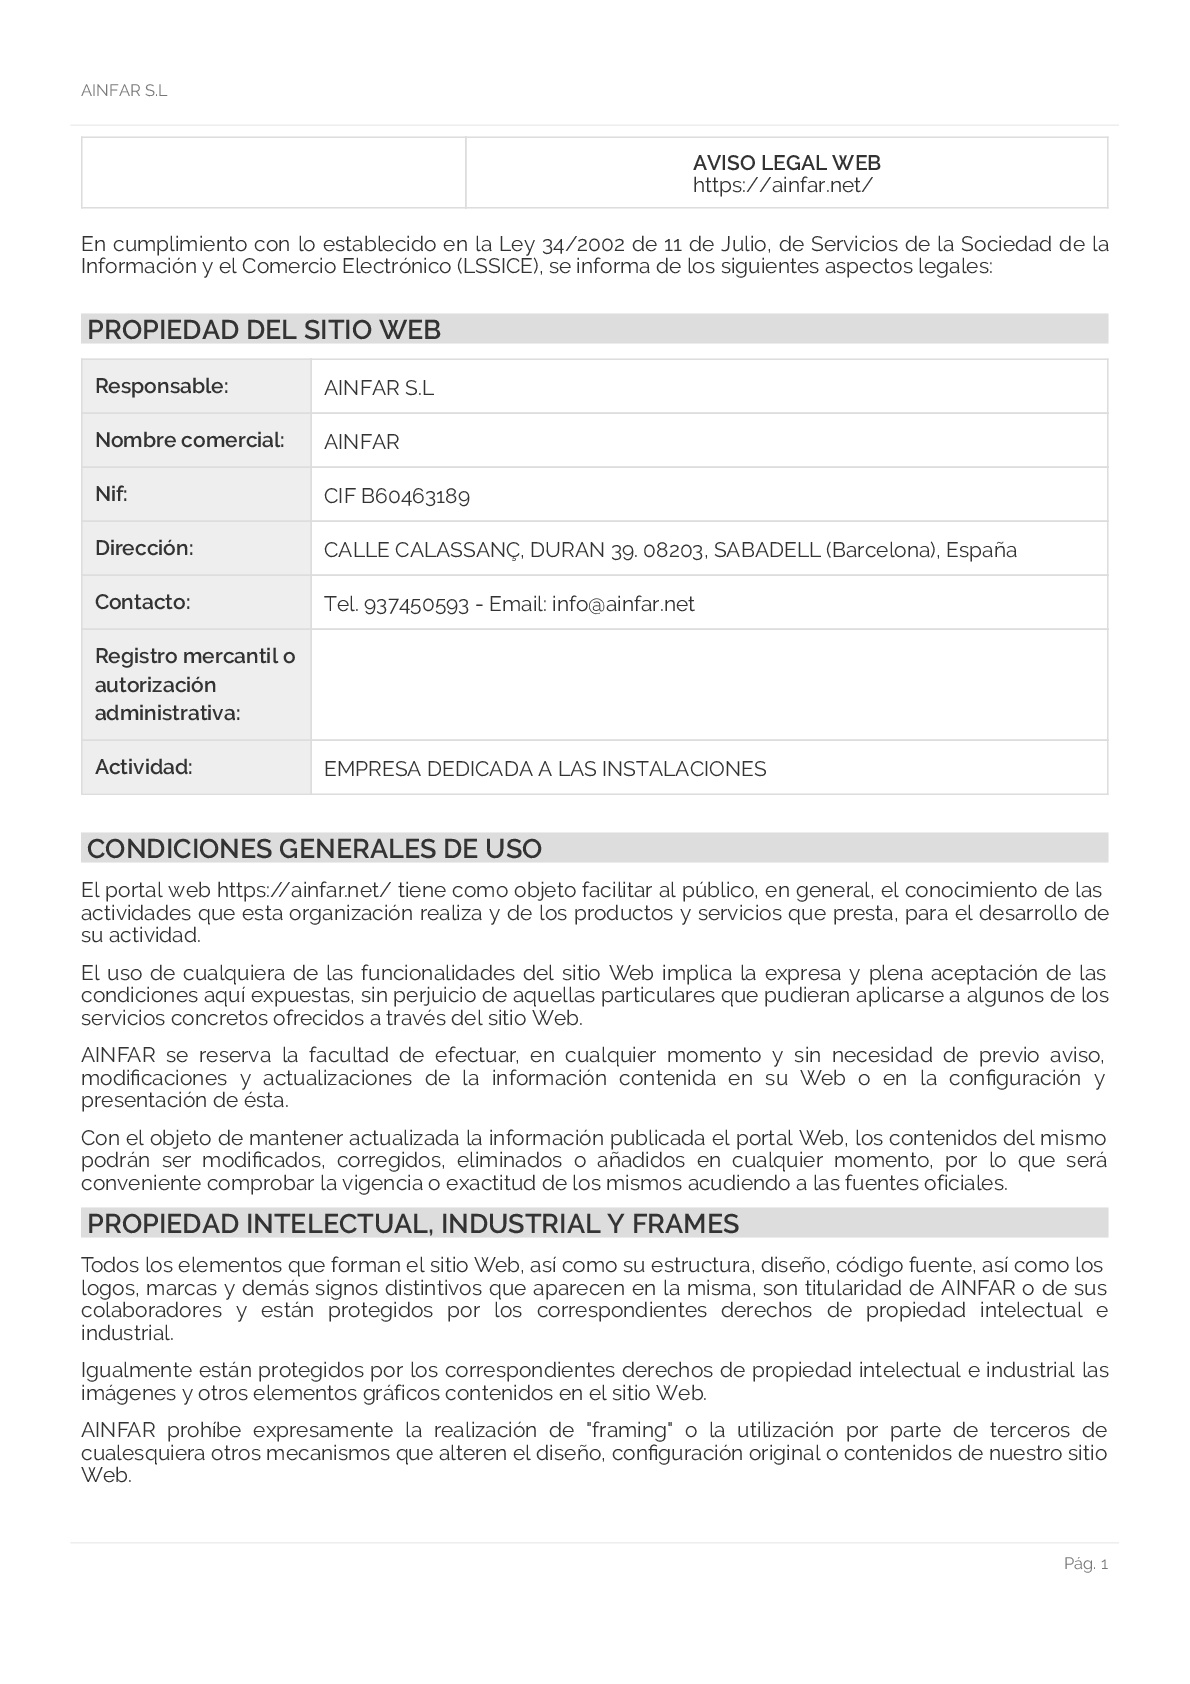 AVISO-LEGAL-001